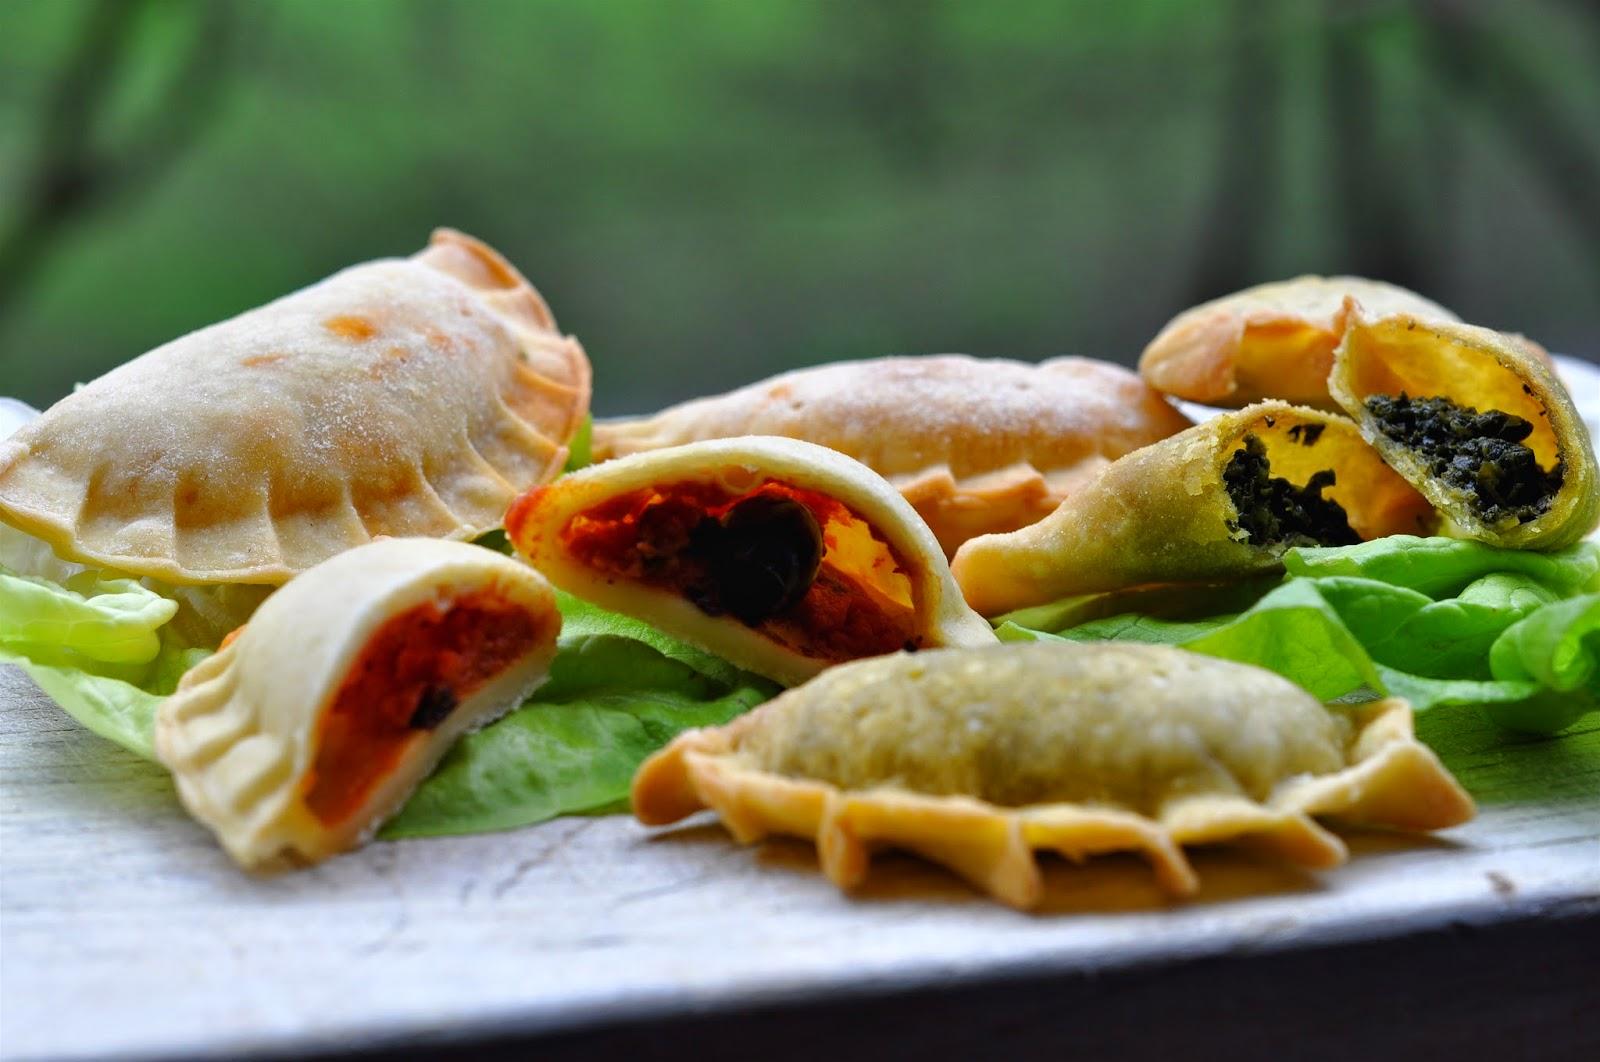 Parole Vegetali: Vegan Empanadas